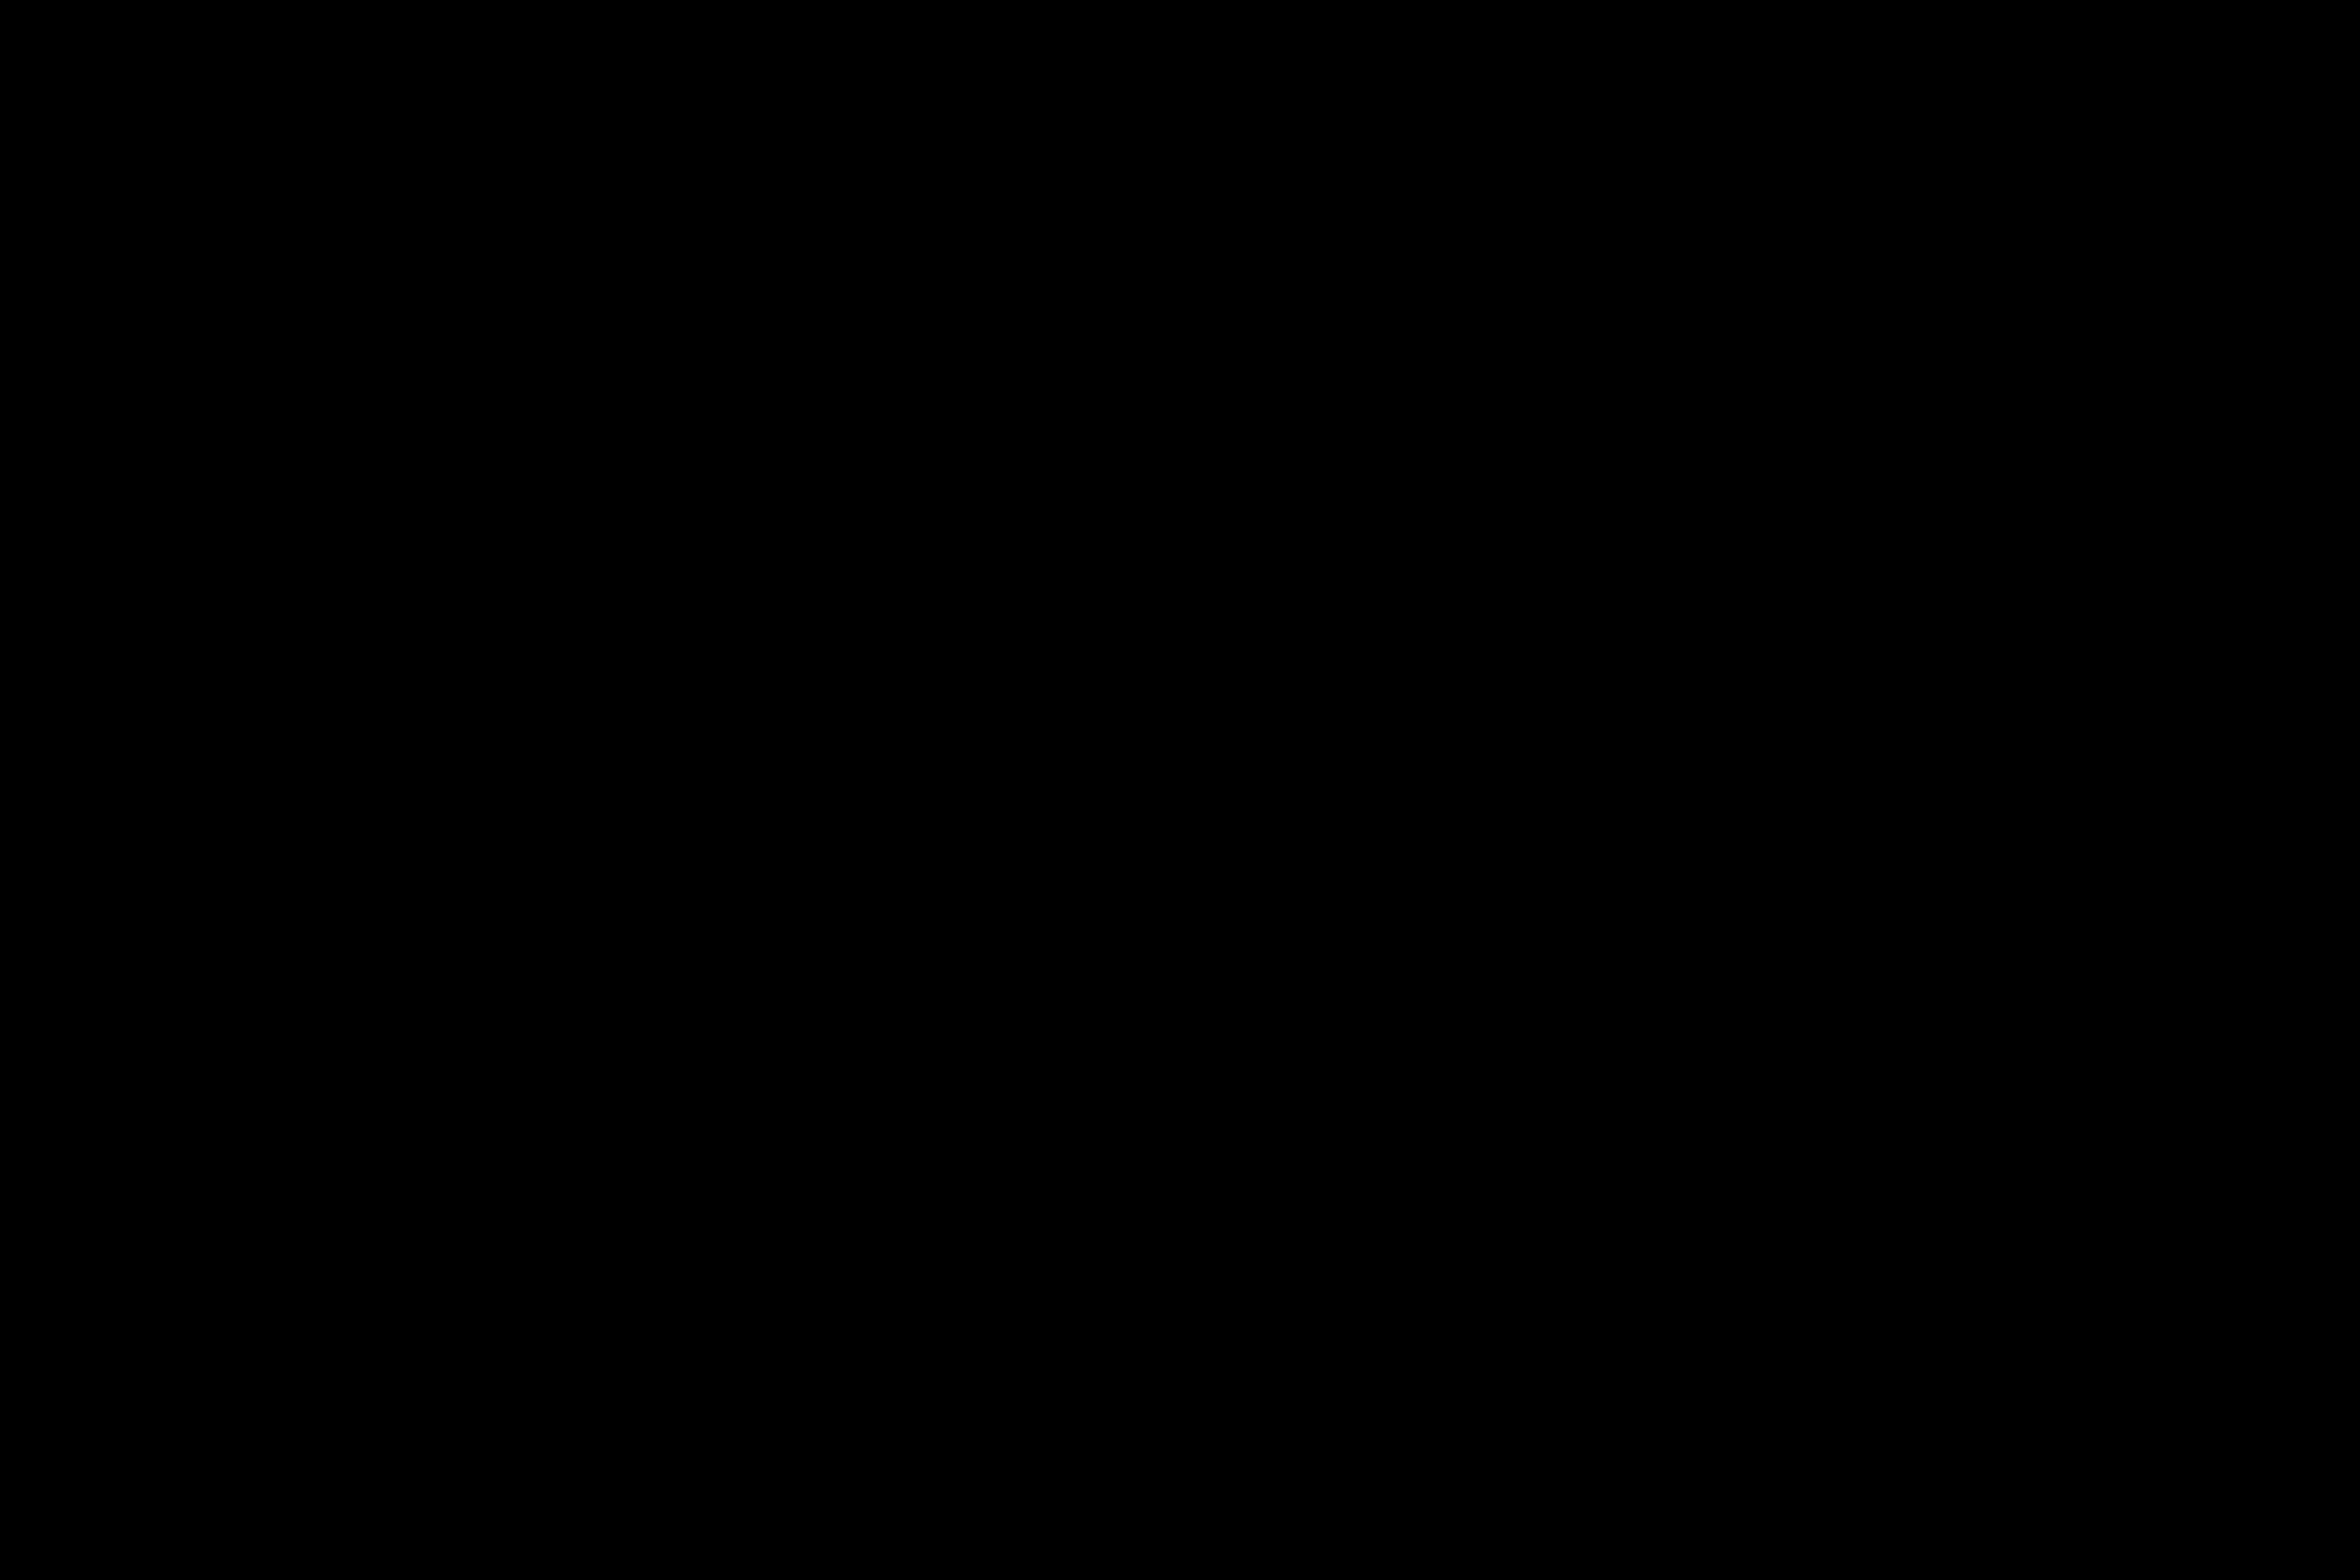 Parque Plaza del Ayuntamiento